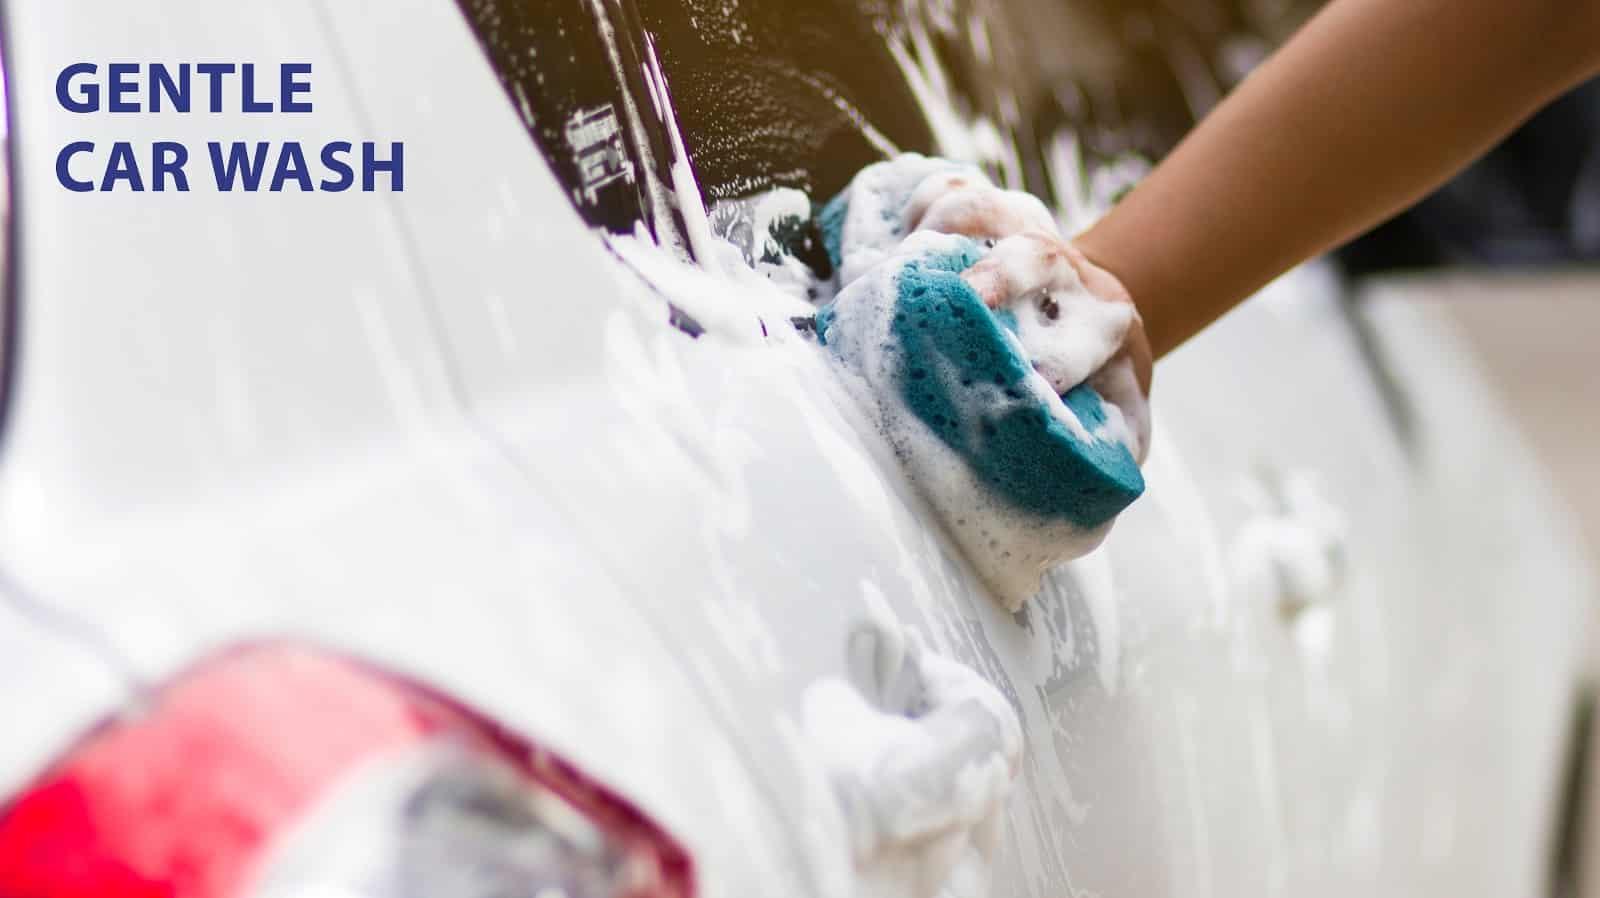 20 0918 wd40blog carwash 2